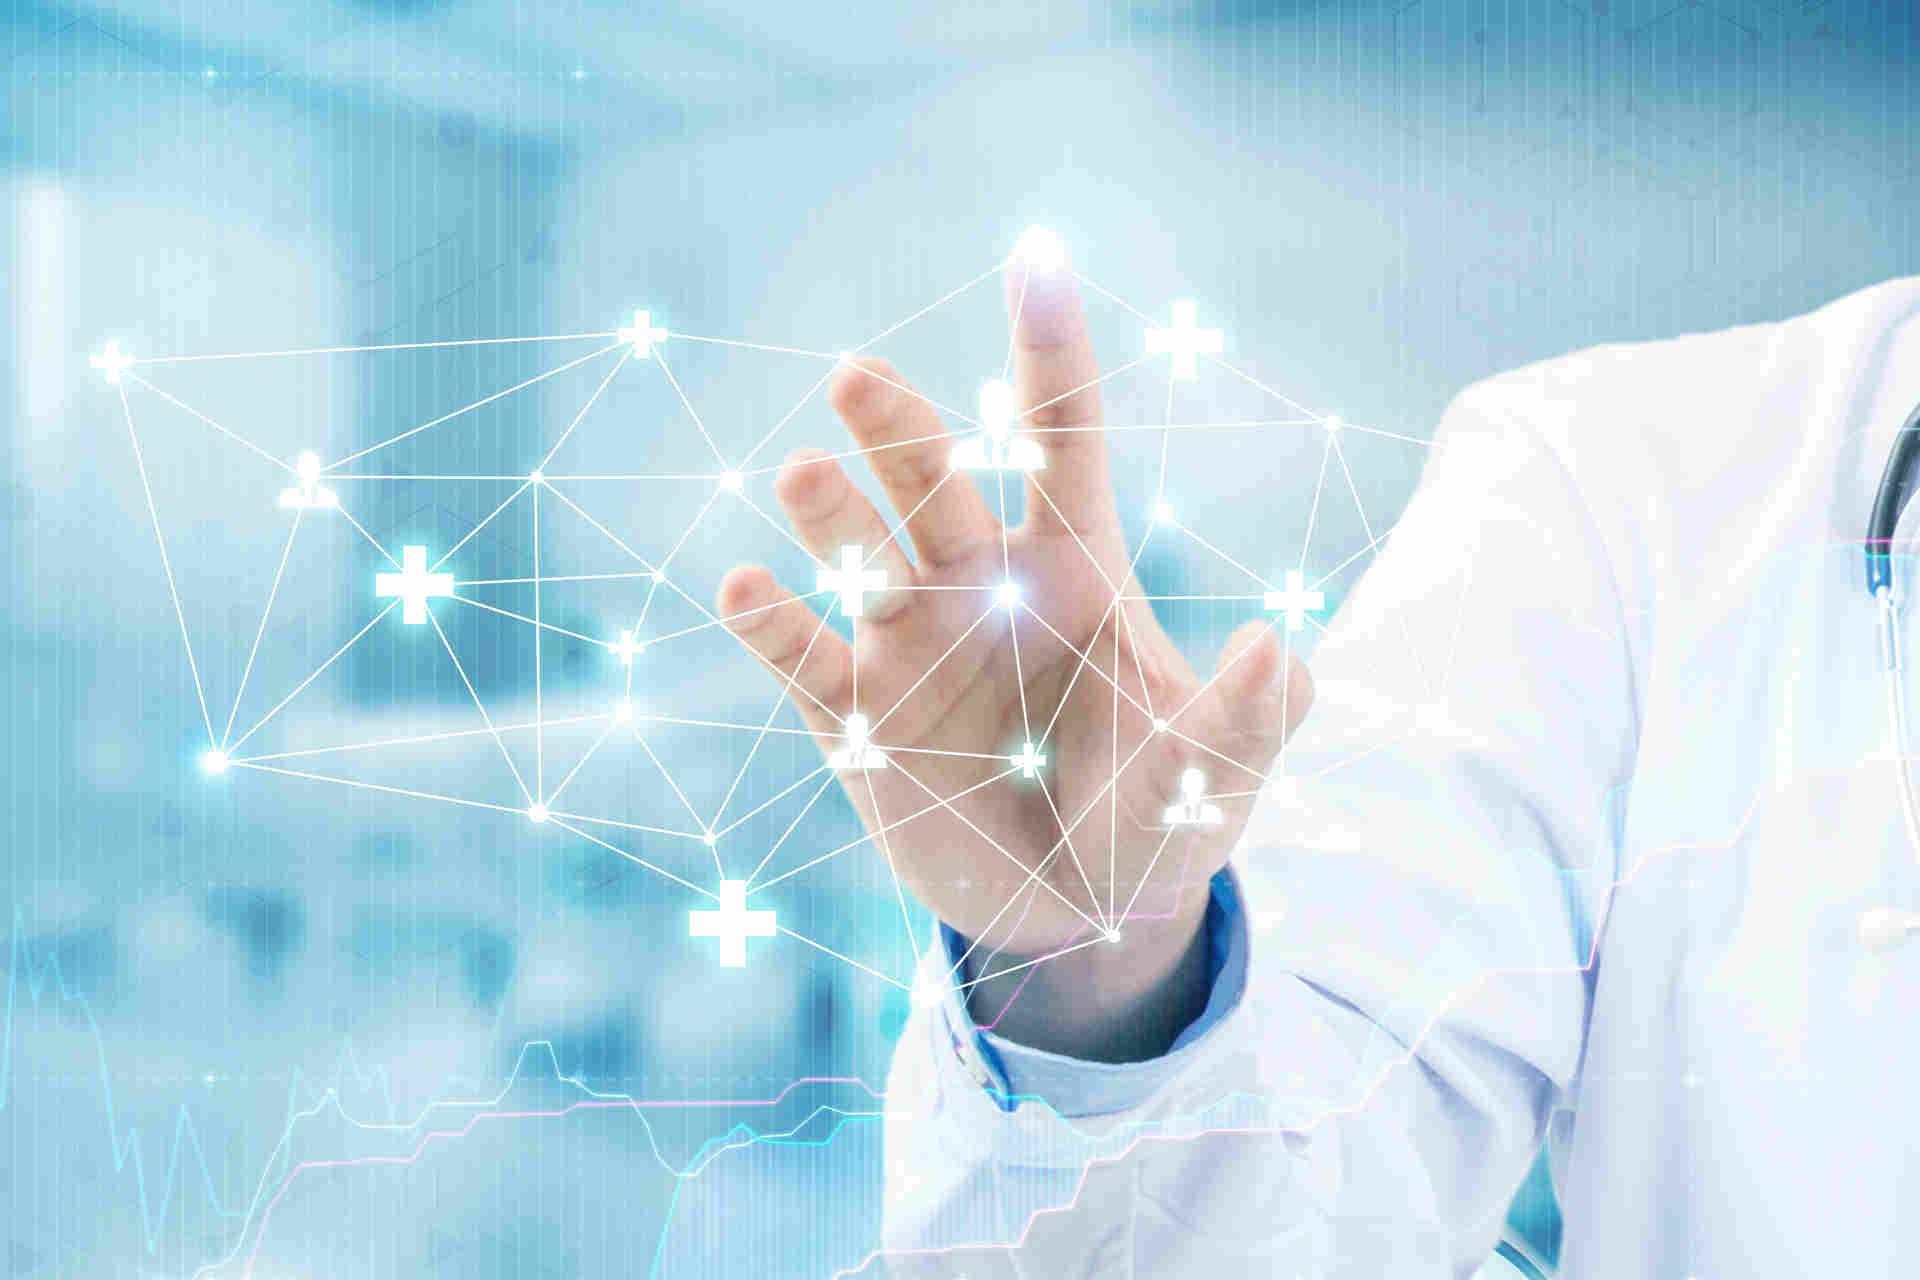 健康管理师  国家卫生职业资格认证培训